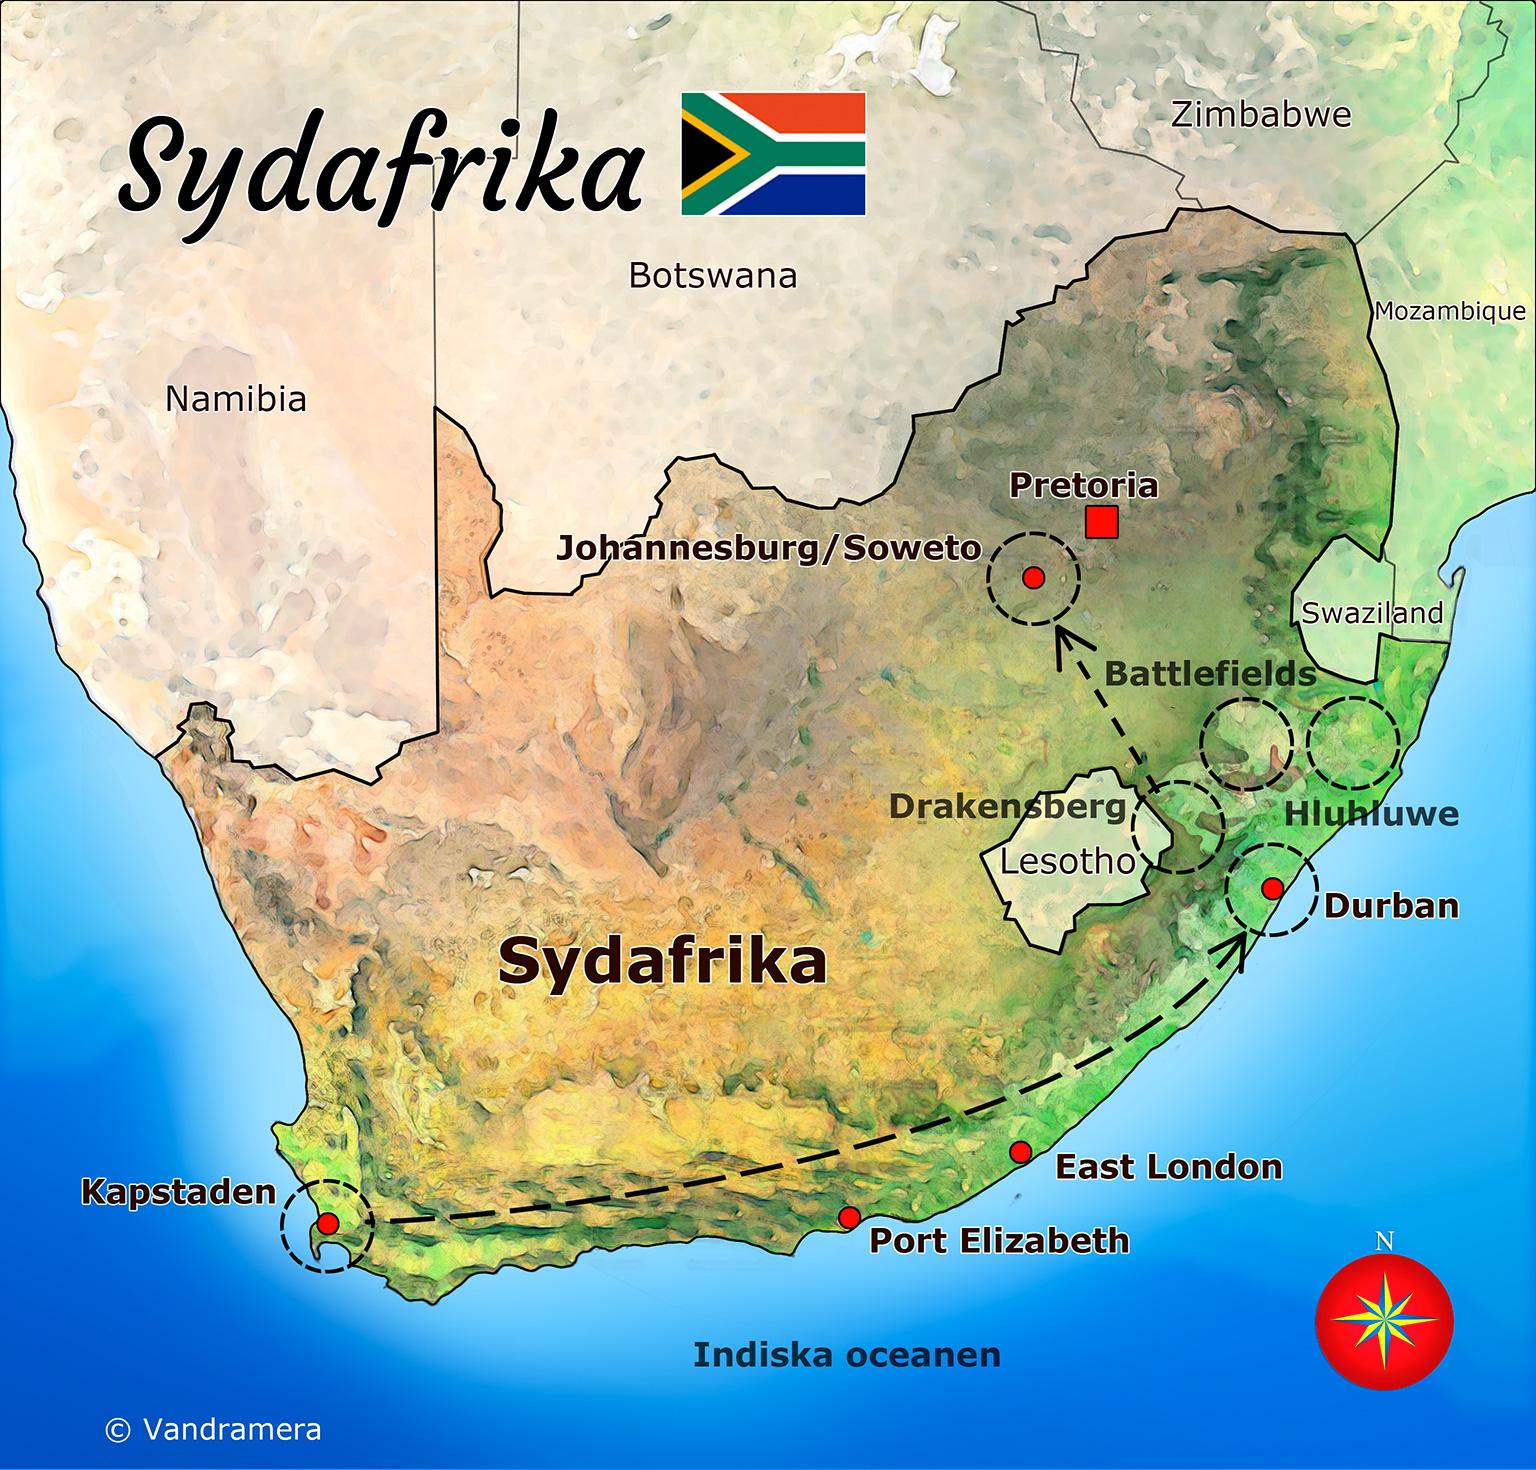 karta södra afrika Sydafrika   Vandramera   Vandringsresor karta södra afrika